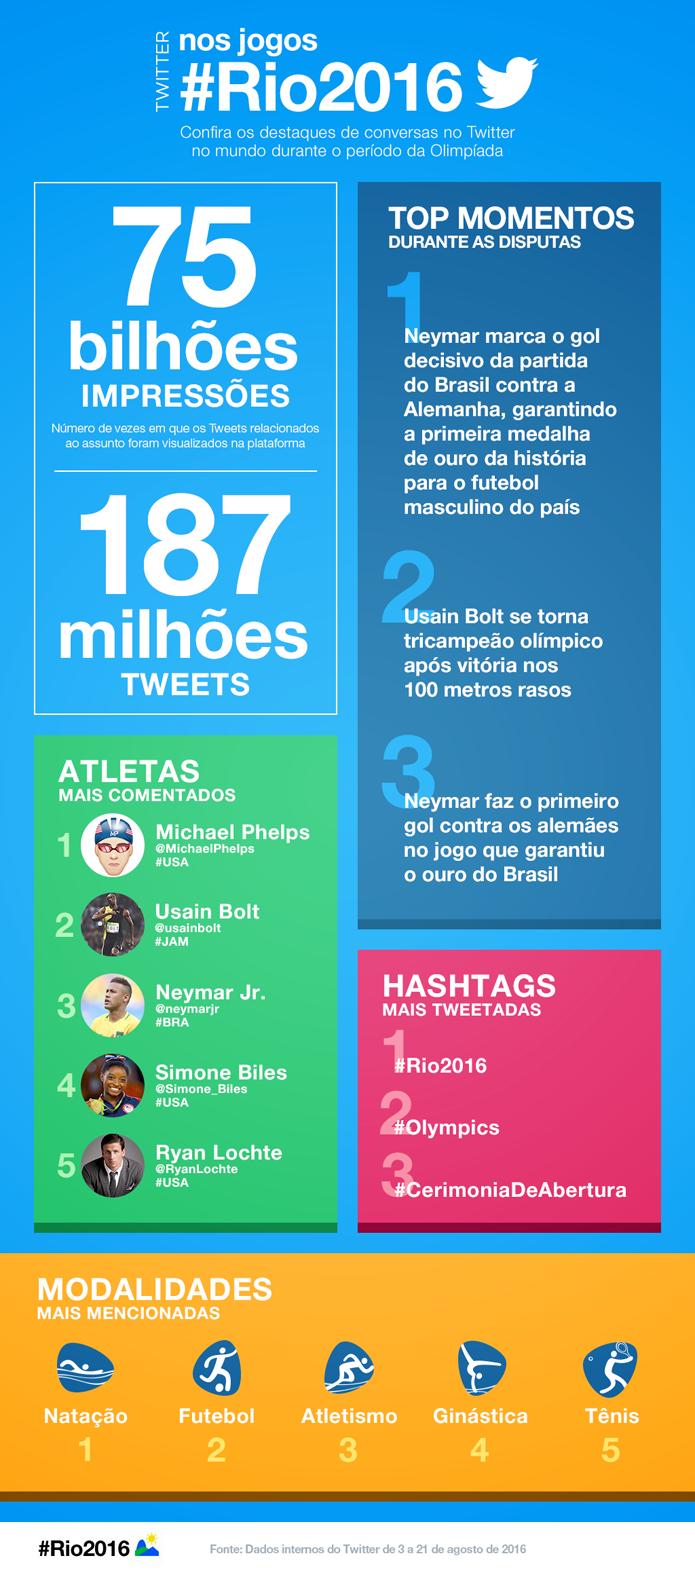 Dados do Twitter revelam assuntos mais comentados durante as Olimpíadas (Foto: Reprodução/Twitter)